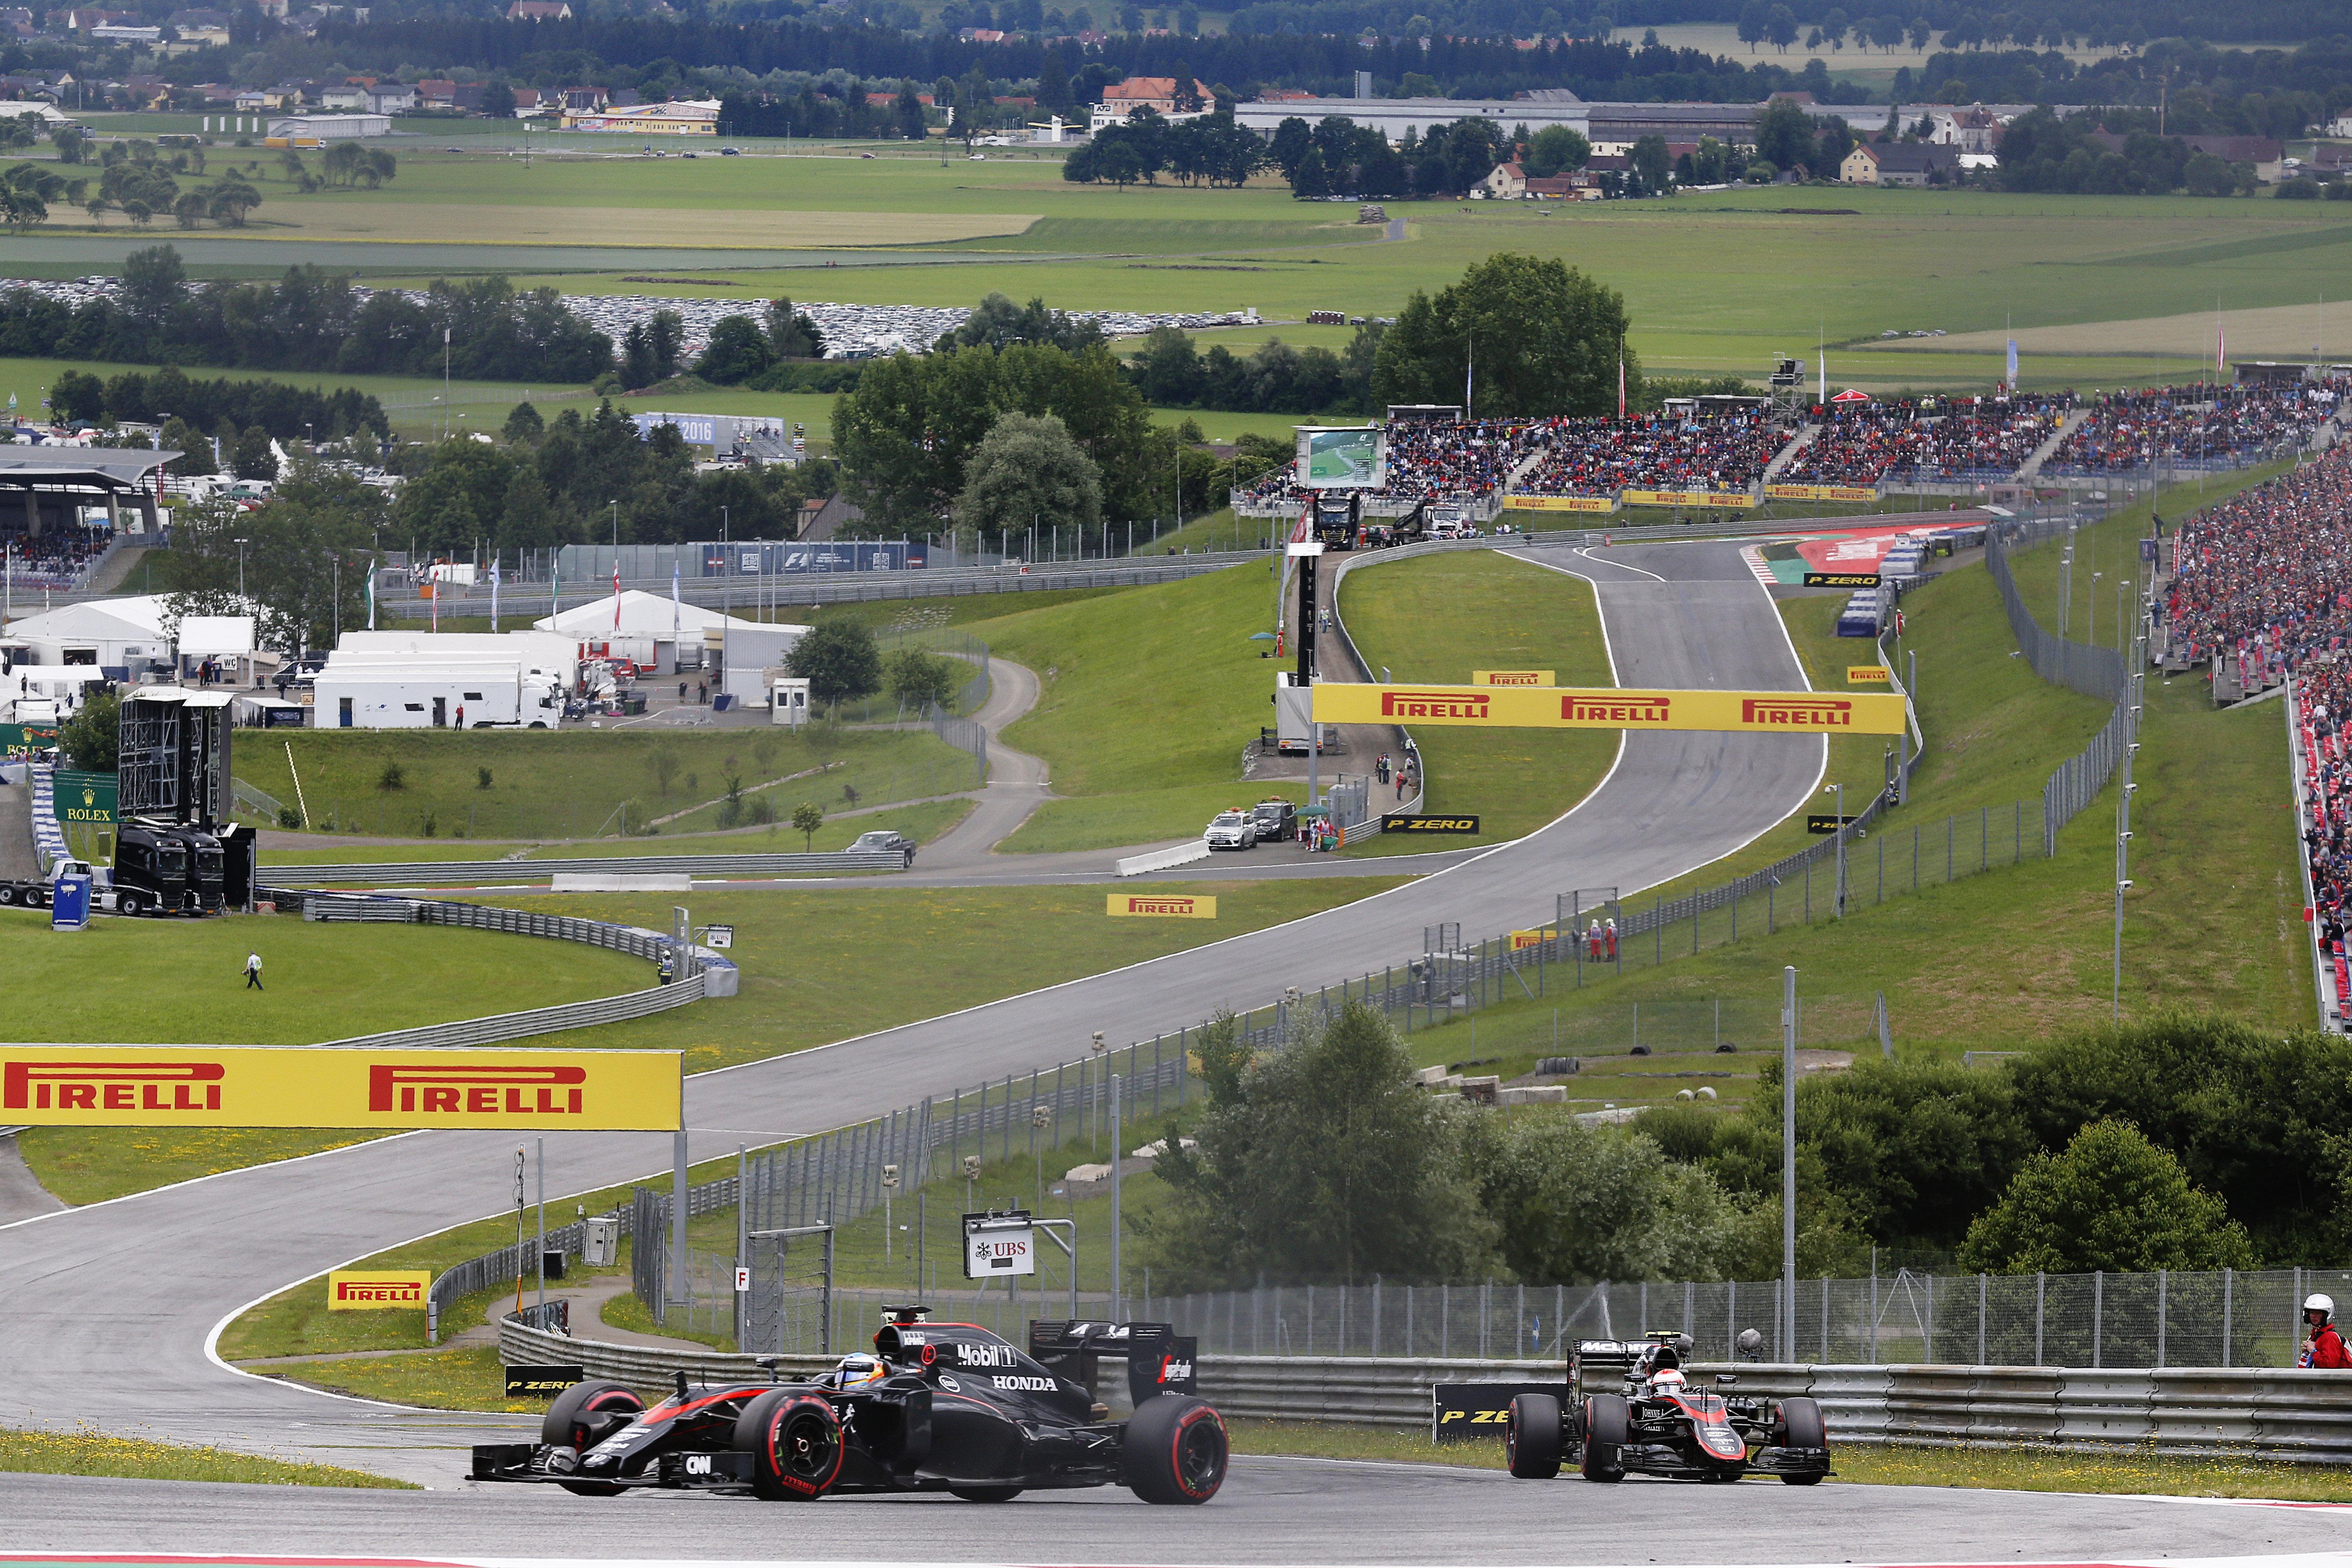 Austrian Grand Prix 2015